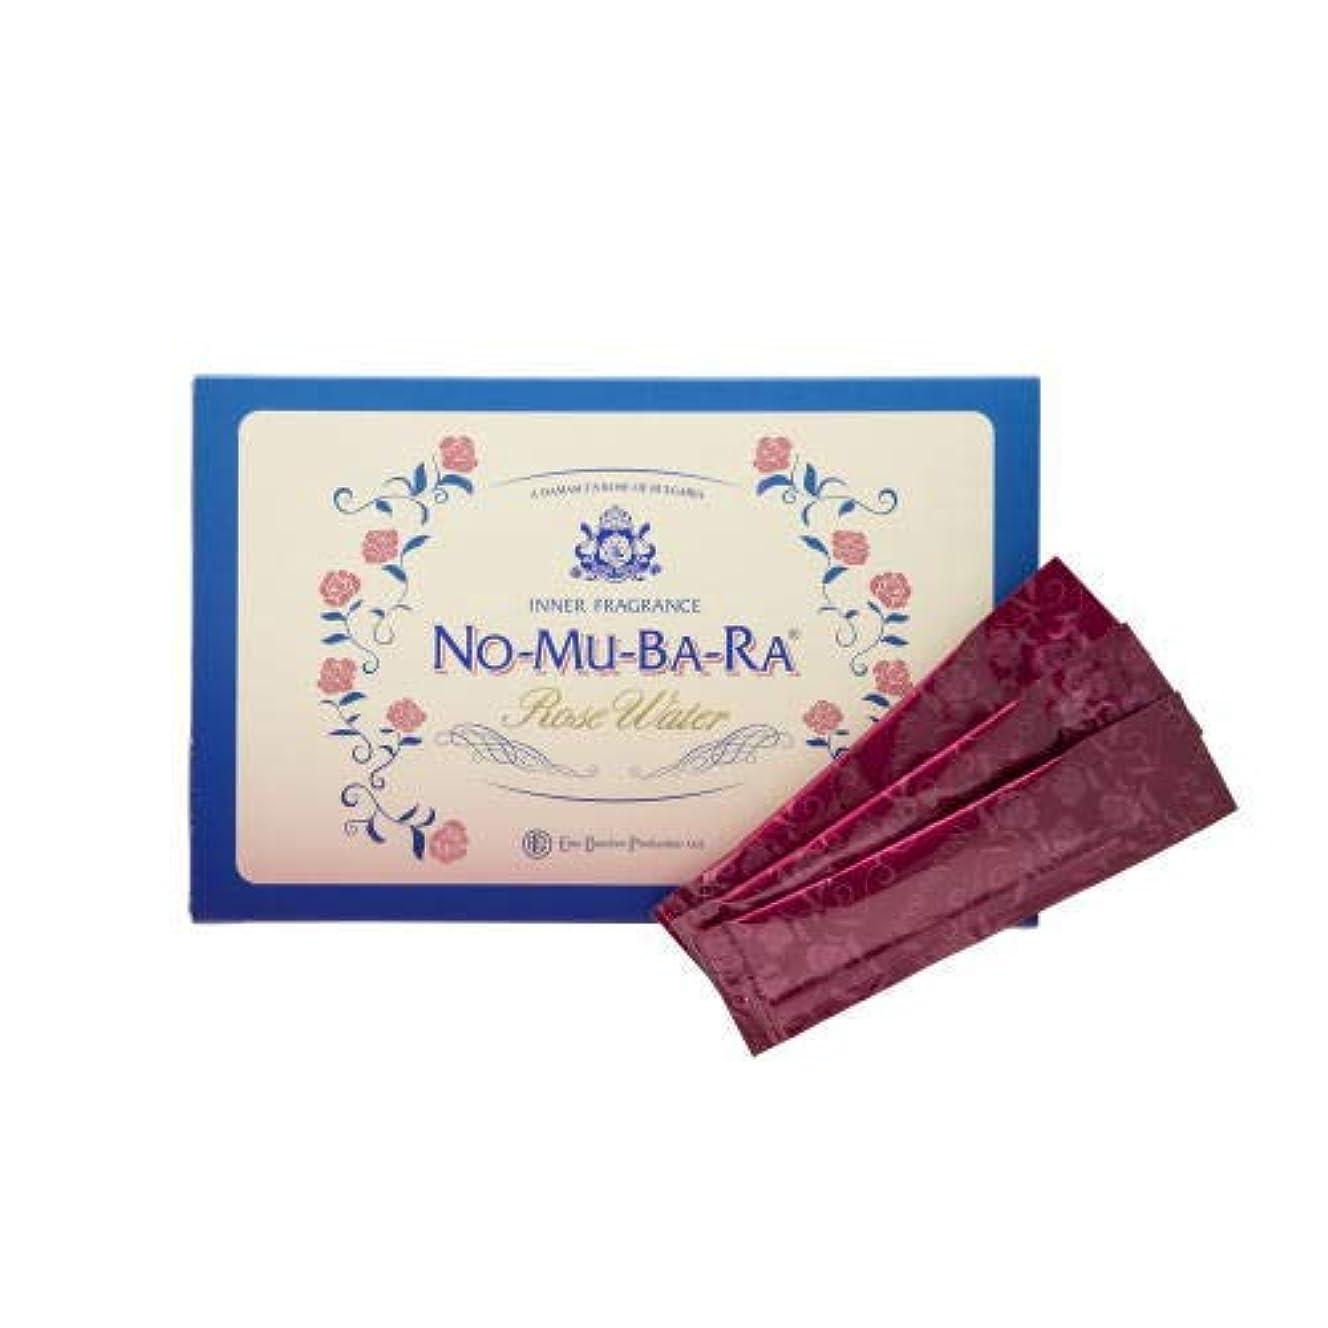 文房具最大の心理学NO-MU-BA-RA NO-MU-BA-RA(ノムバラ)(35包入)×2箱【モンドセレクション受賞】